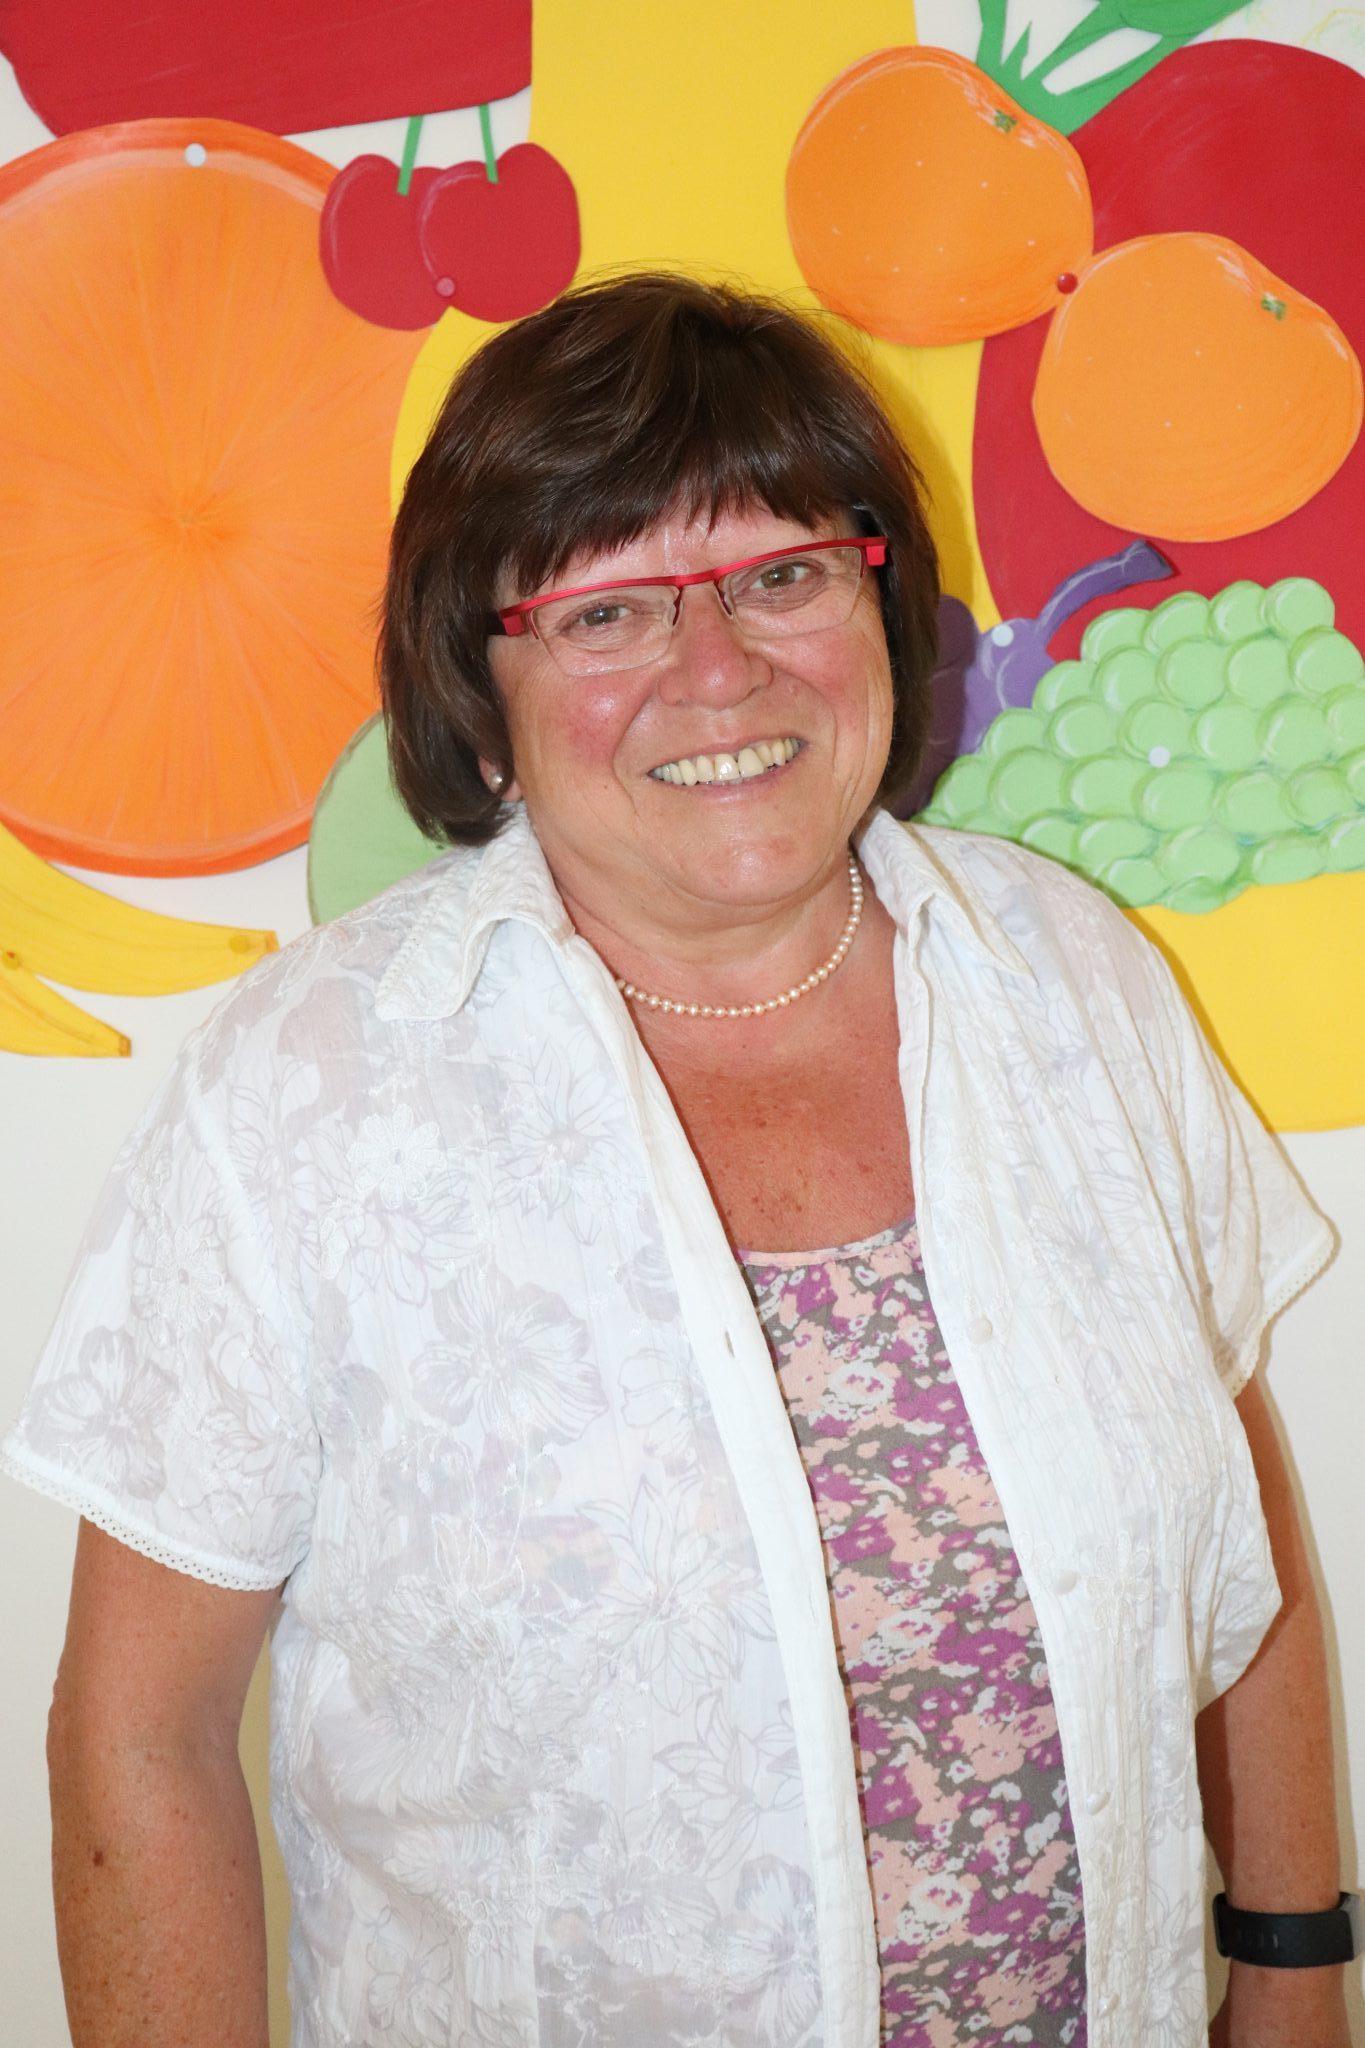 Heide Schäfer